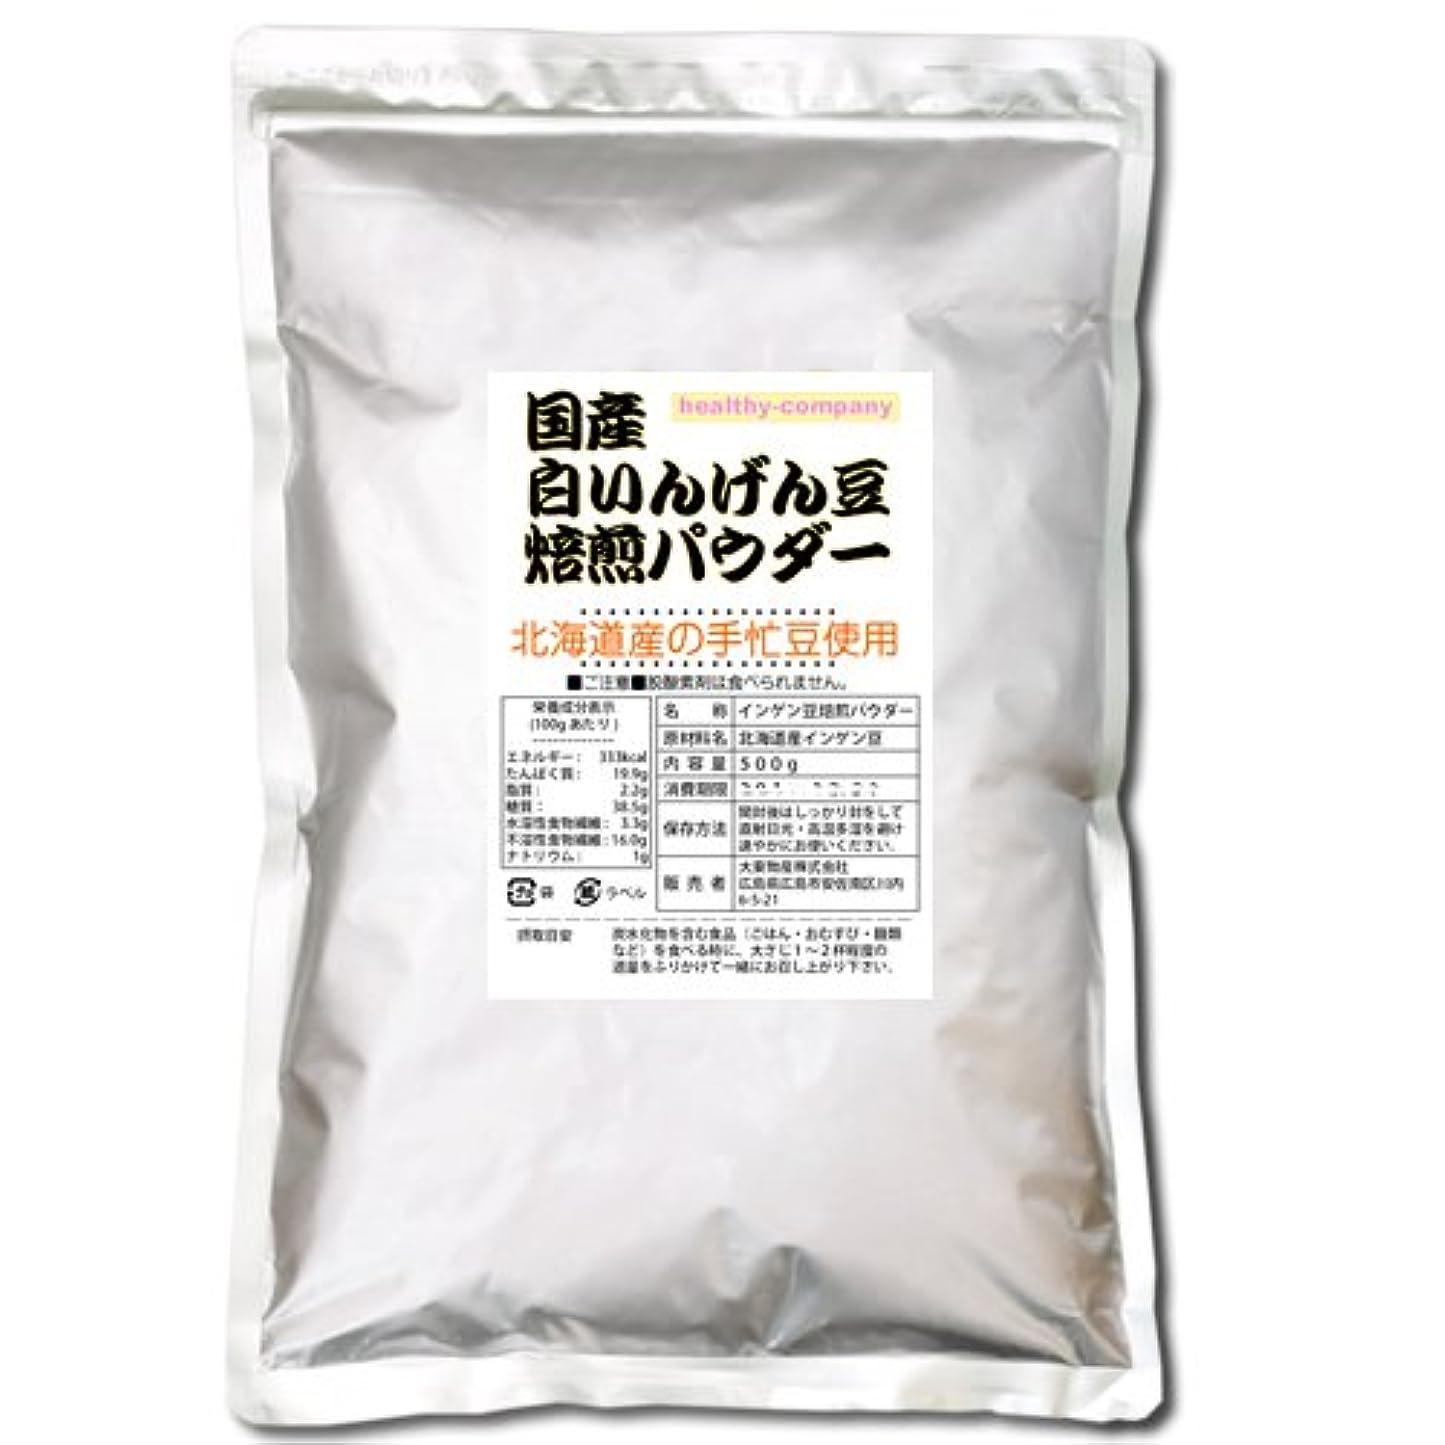 山調和のとれたティーム北海道産白いんげん豆パウダー500g(焙煎済み) ファセオラミンダイエット